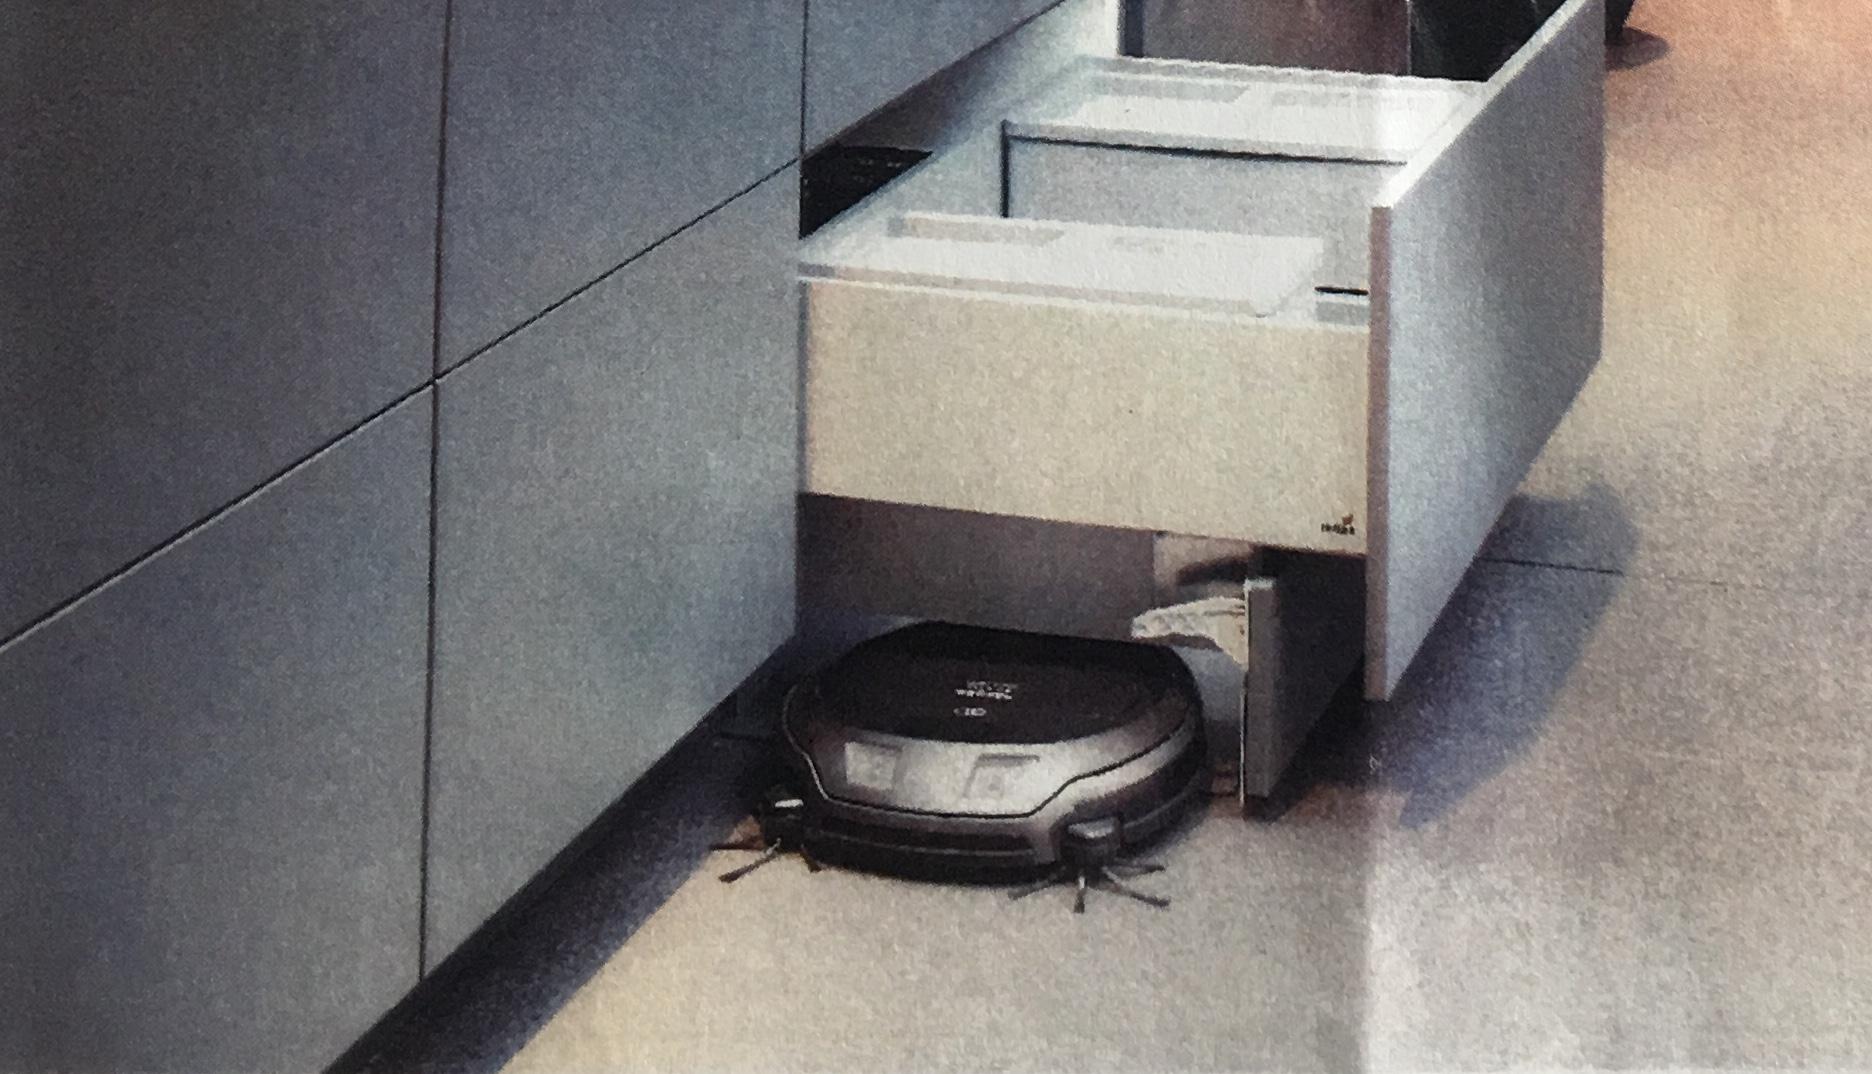 Keuken in een Smart Home: Miele robot stofzuiger start vanuit eigen keukenlade in Poggenpohl kkeuken. Kuchenmeile #miele #poggenpohl #smarthome #keuken #keukeninspiratie